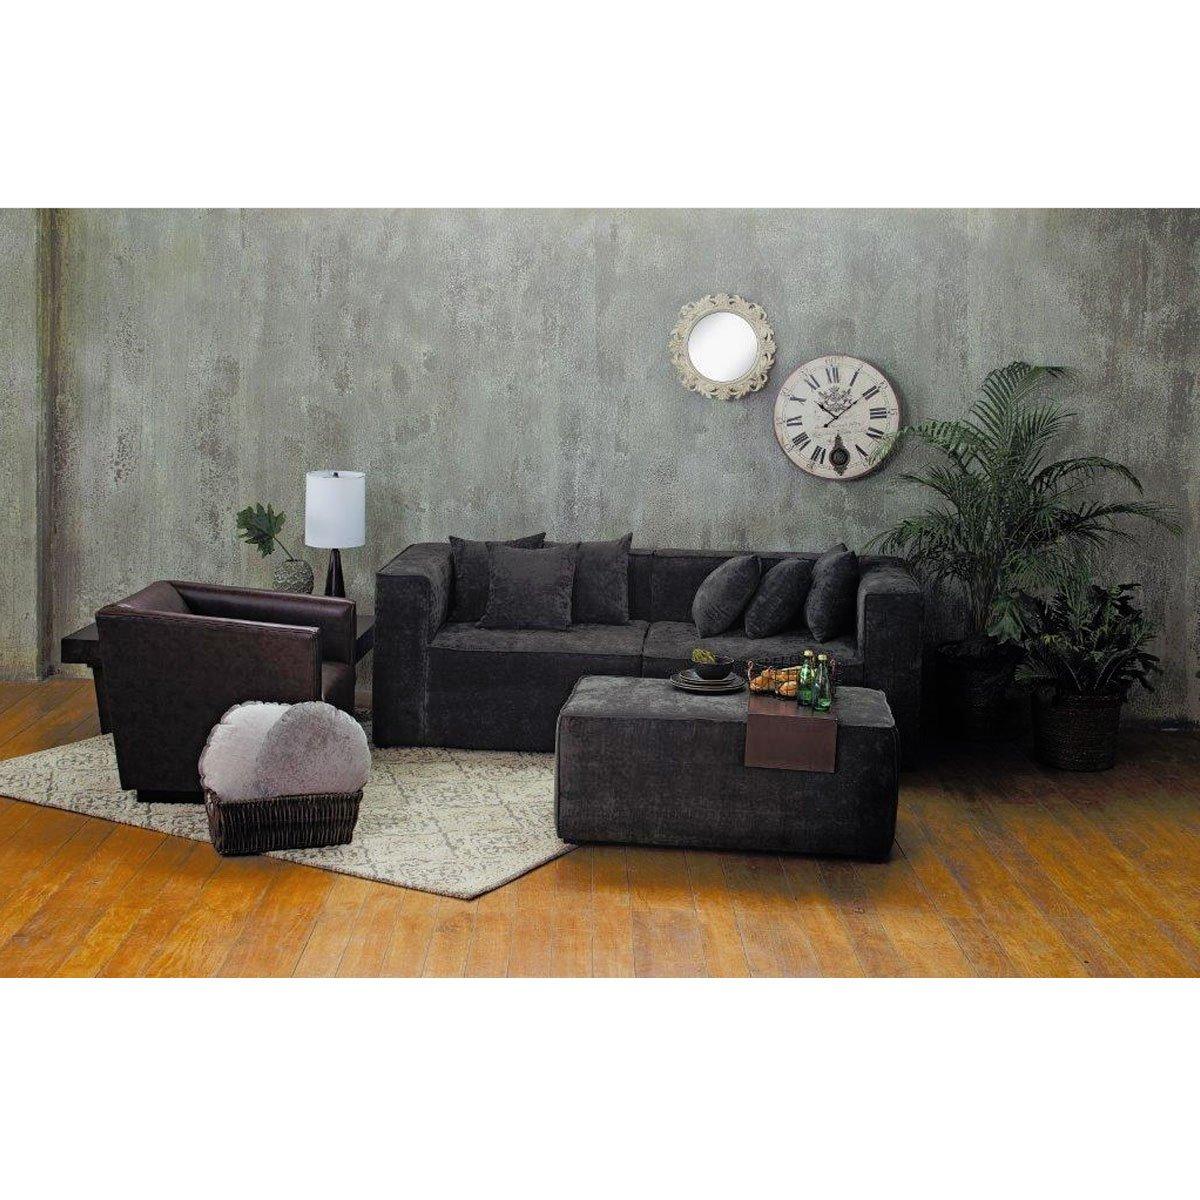 Muebles Y Sillones Hudson ~ Obtenga ideas Diseño de muebles para su ...